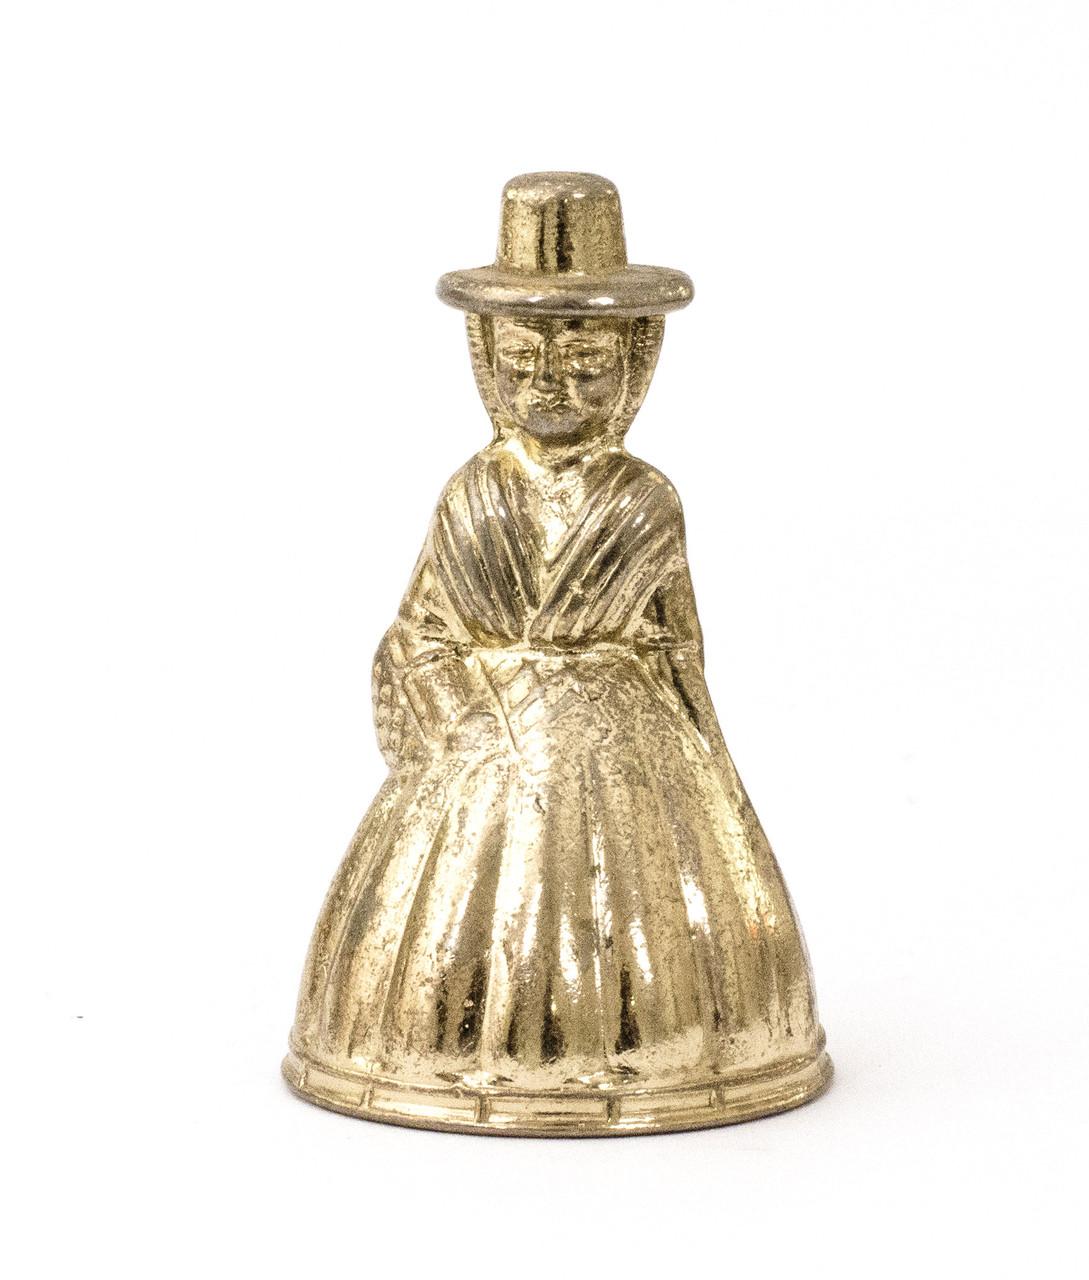 Коллекционный колокольчик,  металл, бронзирование, Англия